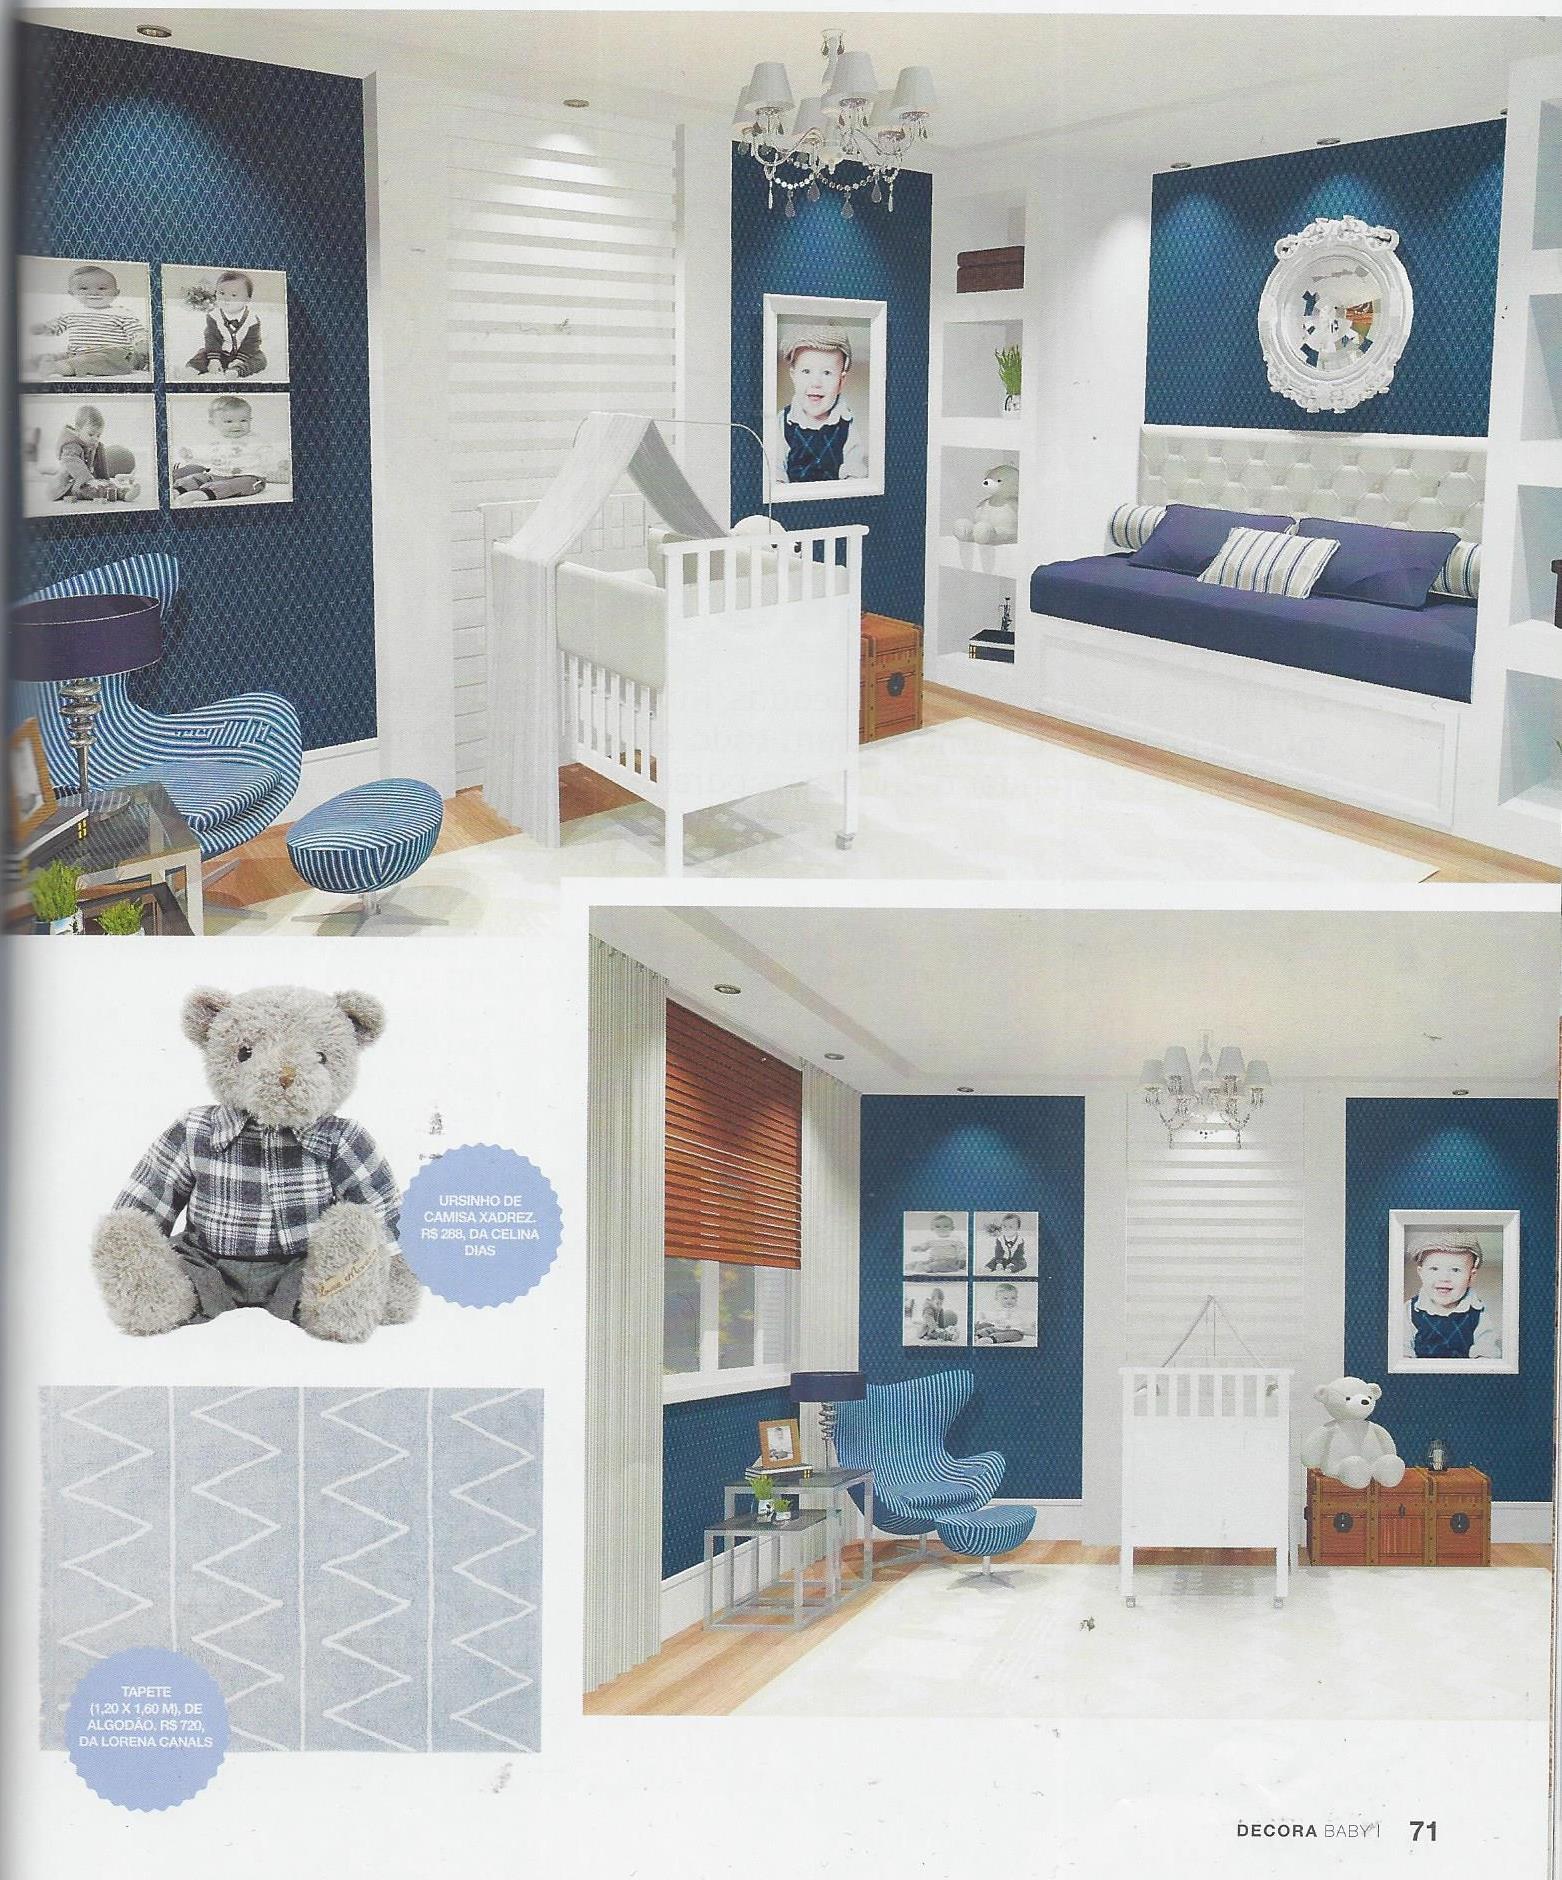 revistas de decoracao de interiores quartos:projeto-de-decoracao-de-quarto-de-bebe-decora-baby-edicao-85-projeto